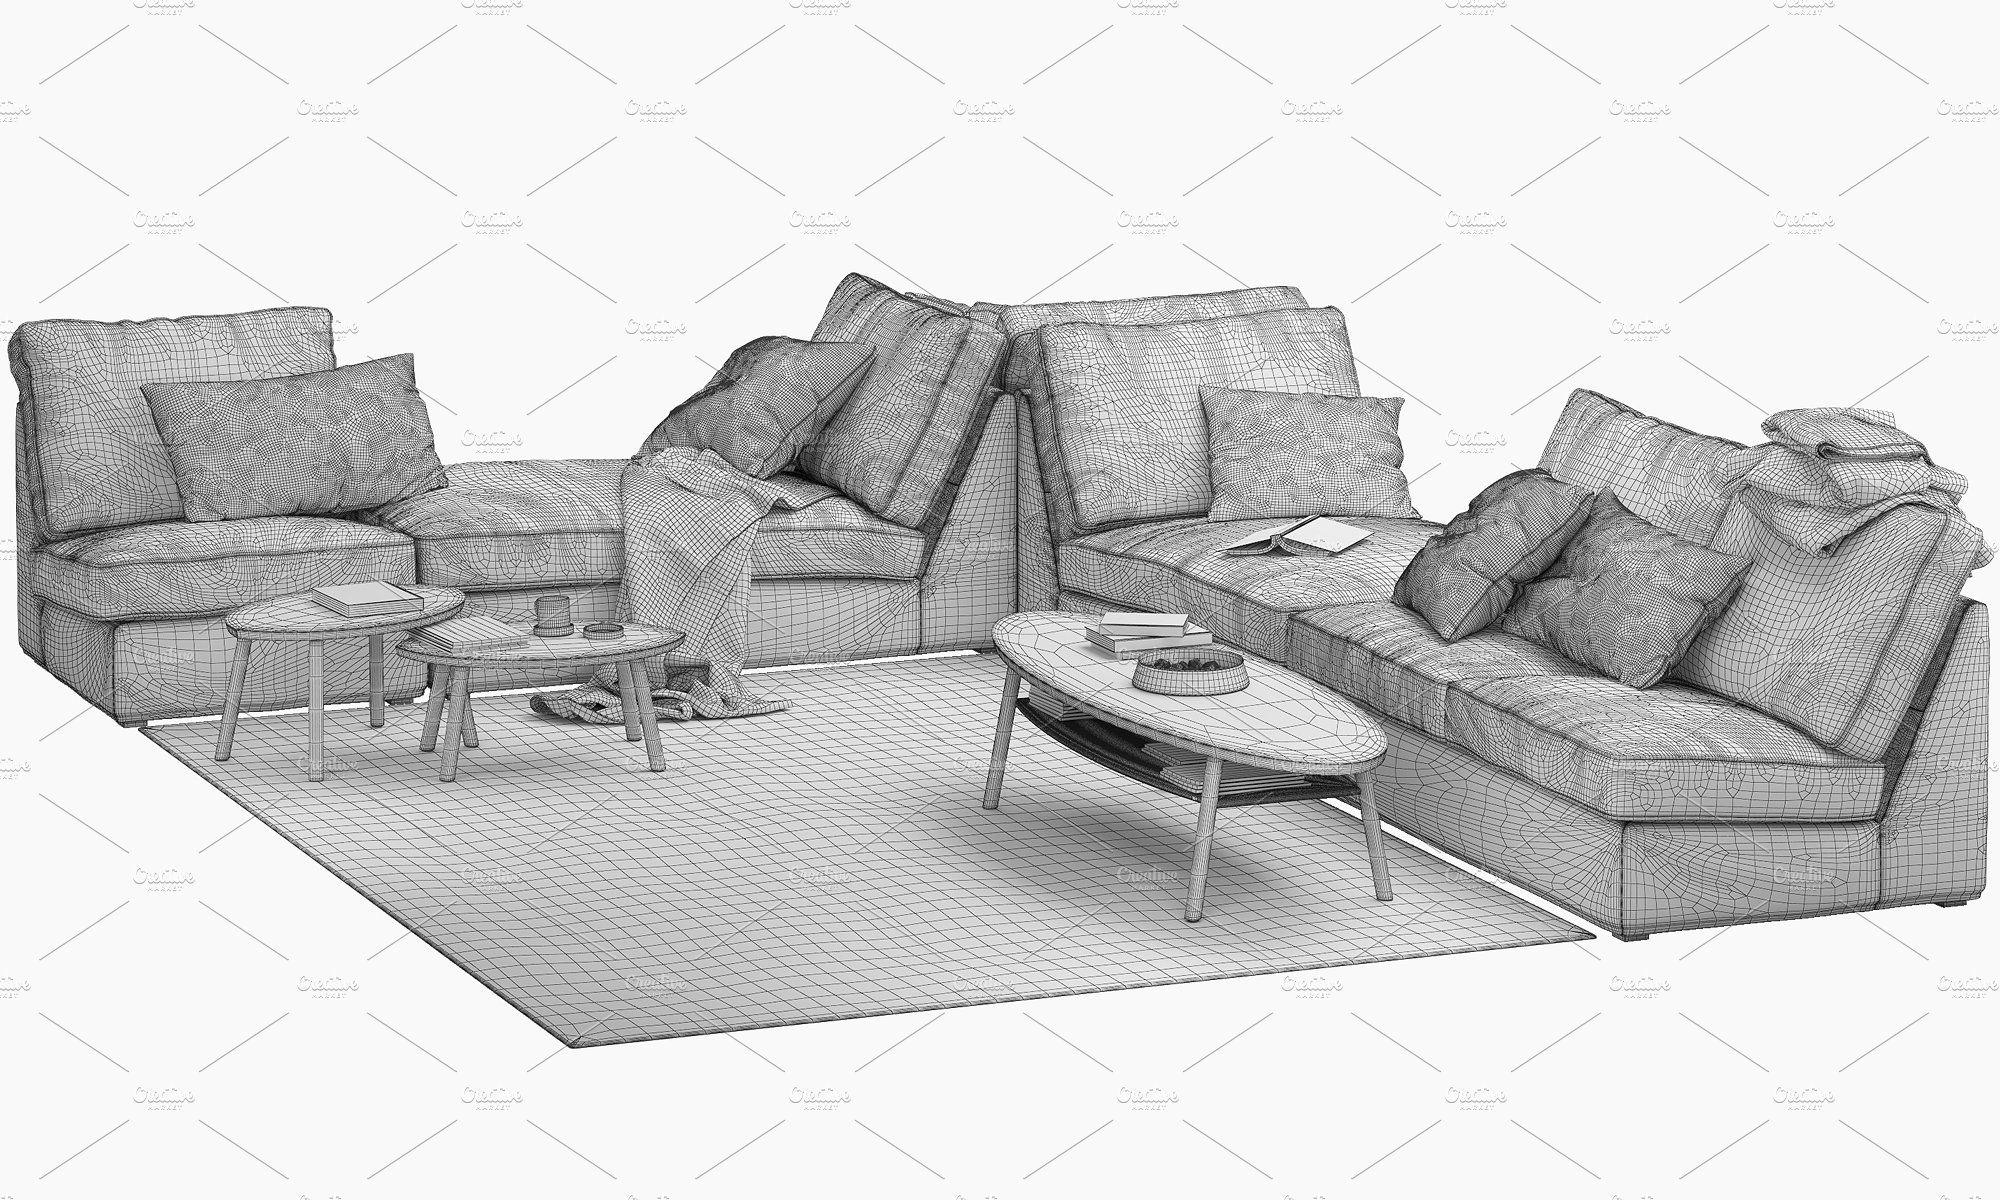 Ikea KIVIK corner modular sofa SystemcorrectlyUnits